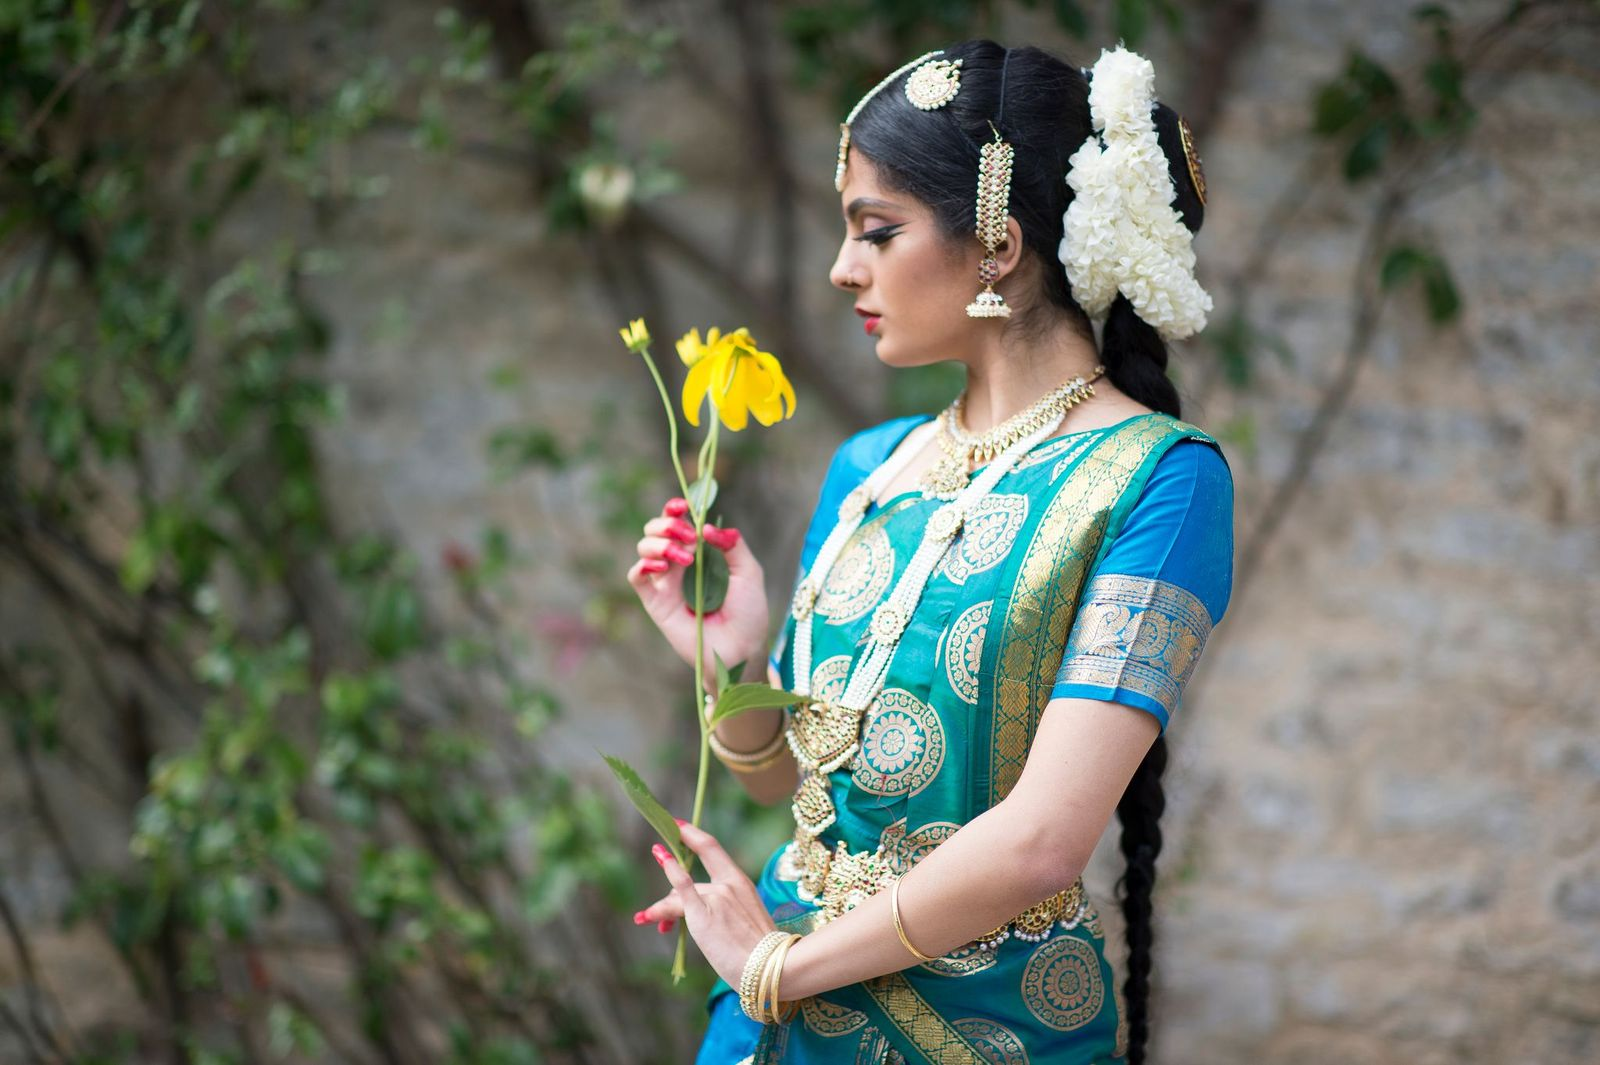 Photo credits: Anaya Vasudha